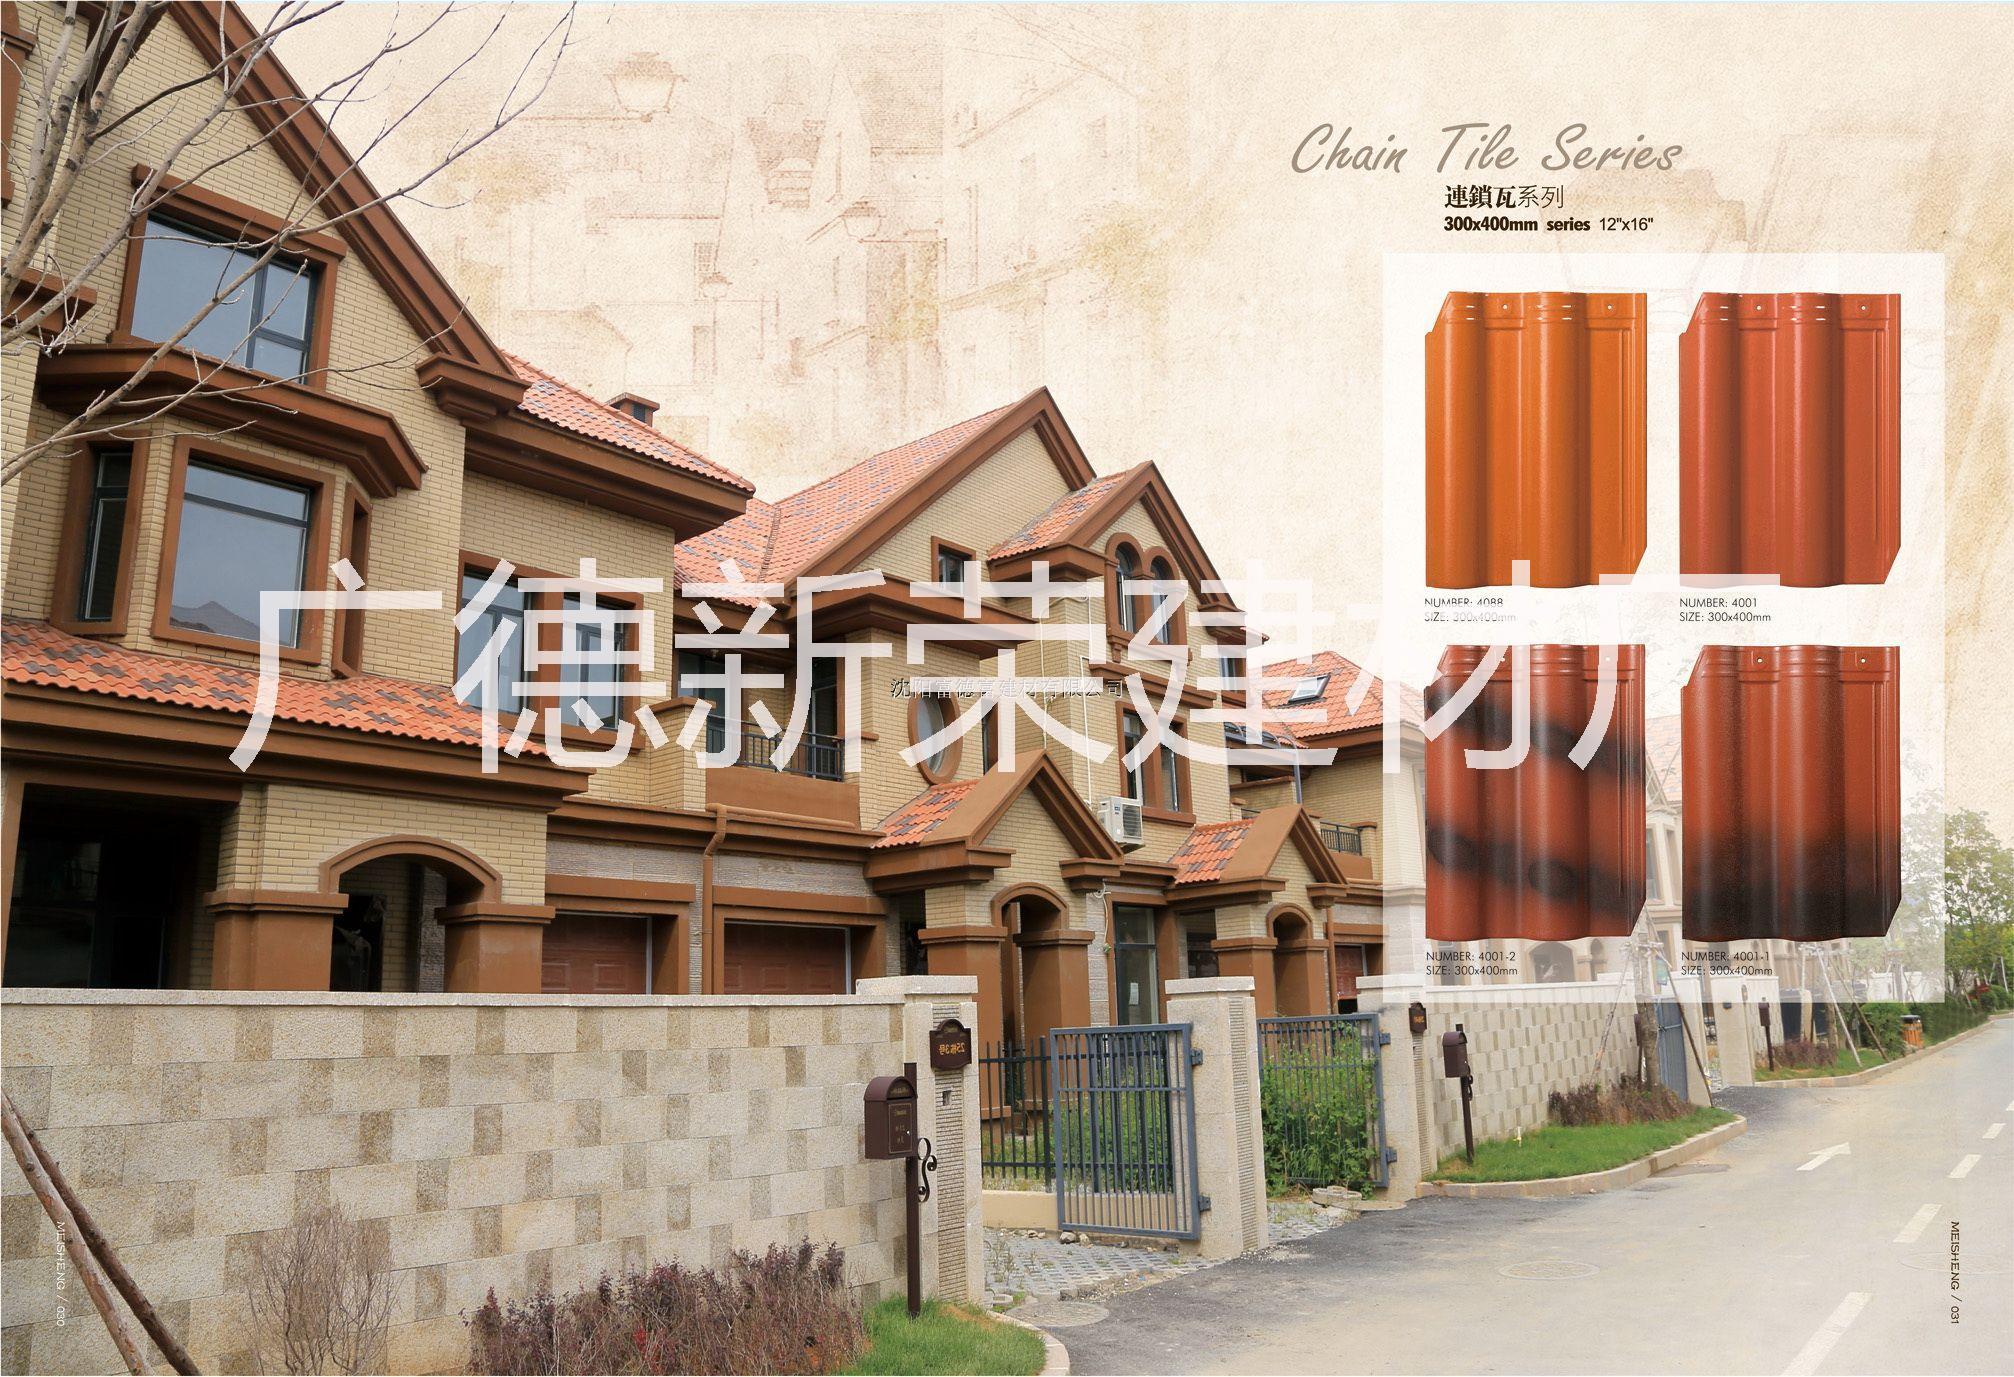 供应宜兴金龙琉璃瓦、陶瓷瓦、石板瓦、T型瓦厂家18626077338